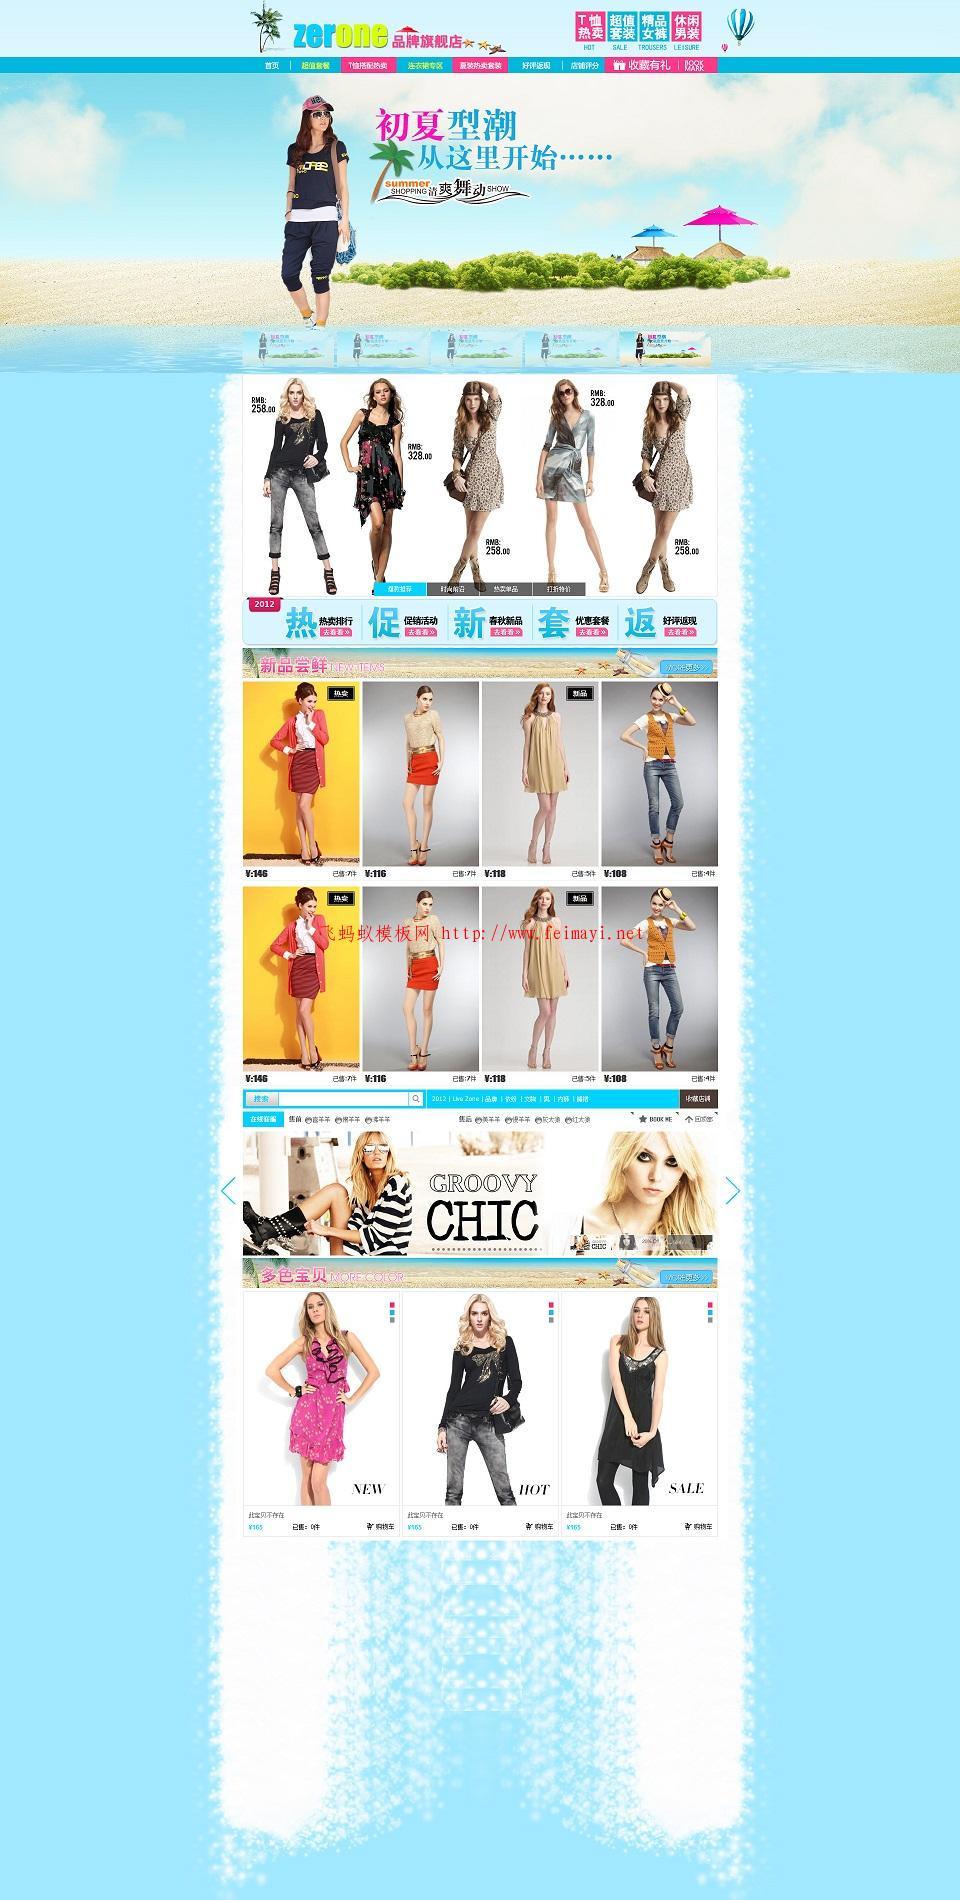 全屏蓝色大气淘宝首页女装psd行业通用PSD素材女装模板免费下载